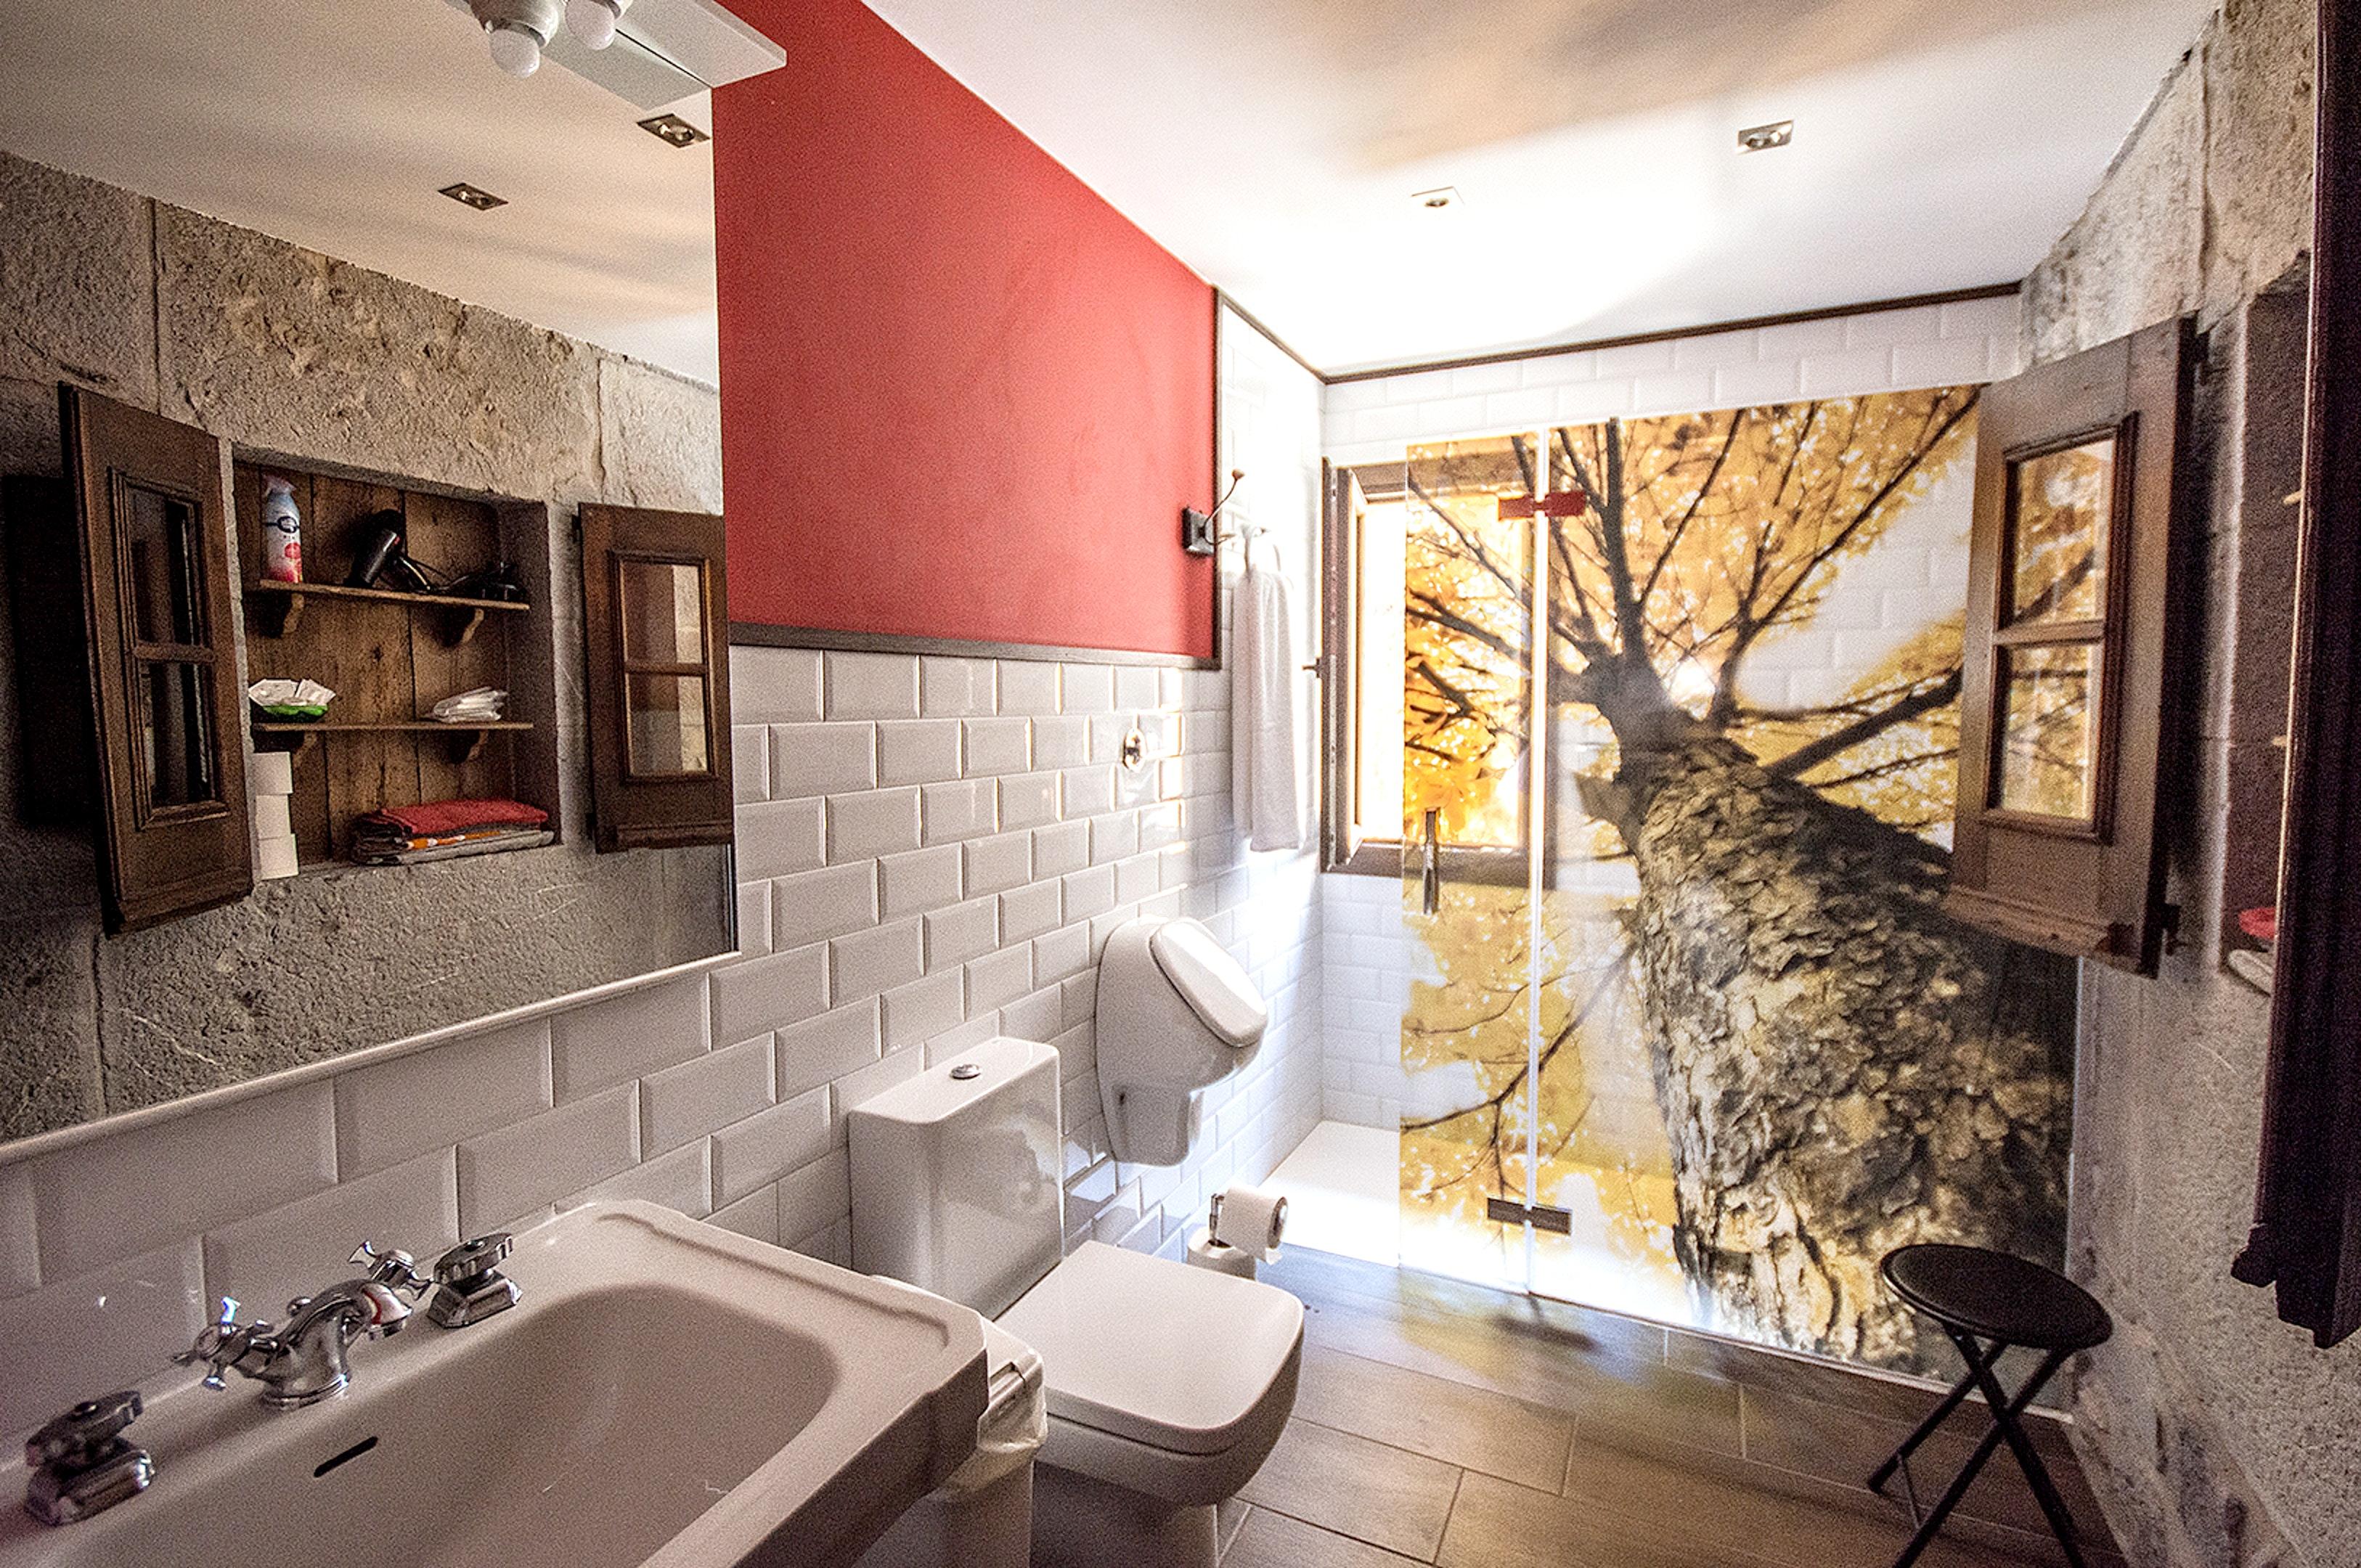 Ferienhaus Haus mit 5 Schlafzimmern in Baráibar mit toller Aussicht auf die Berge, möbliertem Garten  (2541138), Baraibar, , Navarra, Spanien, Bild 18